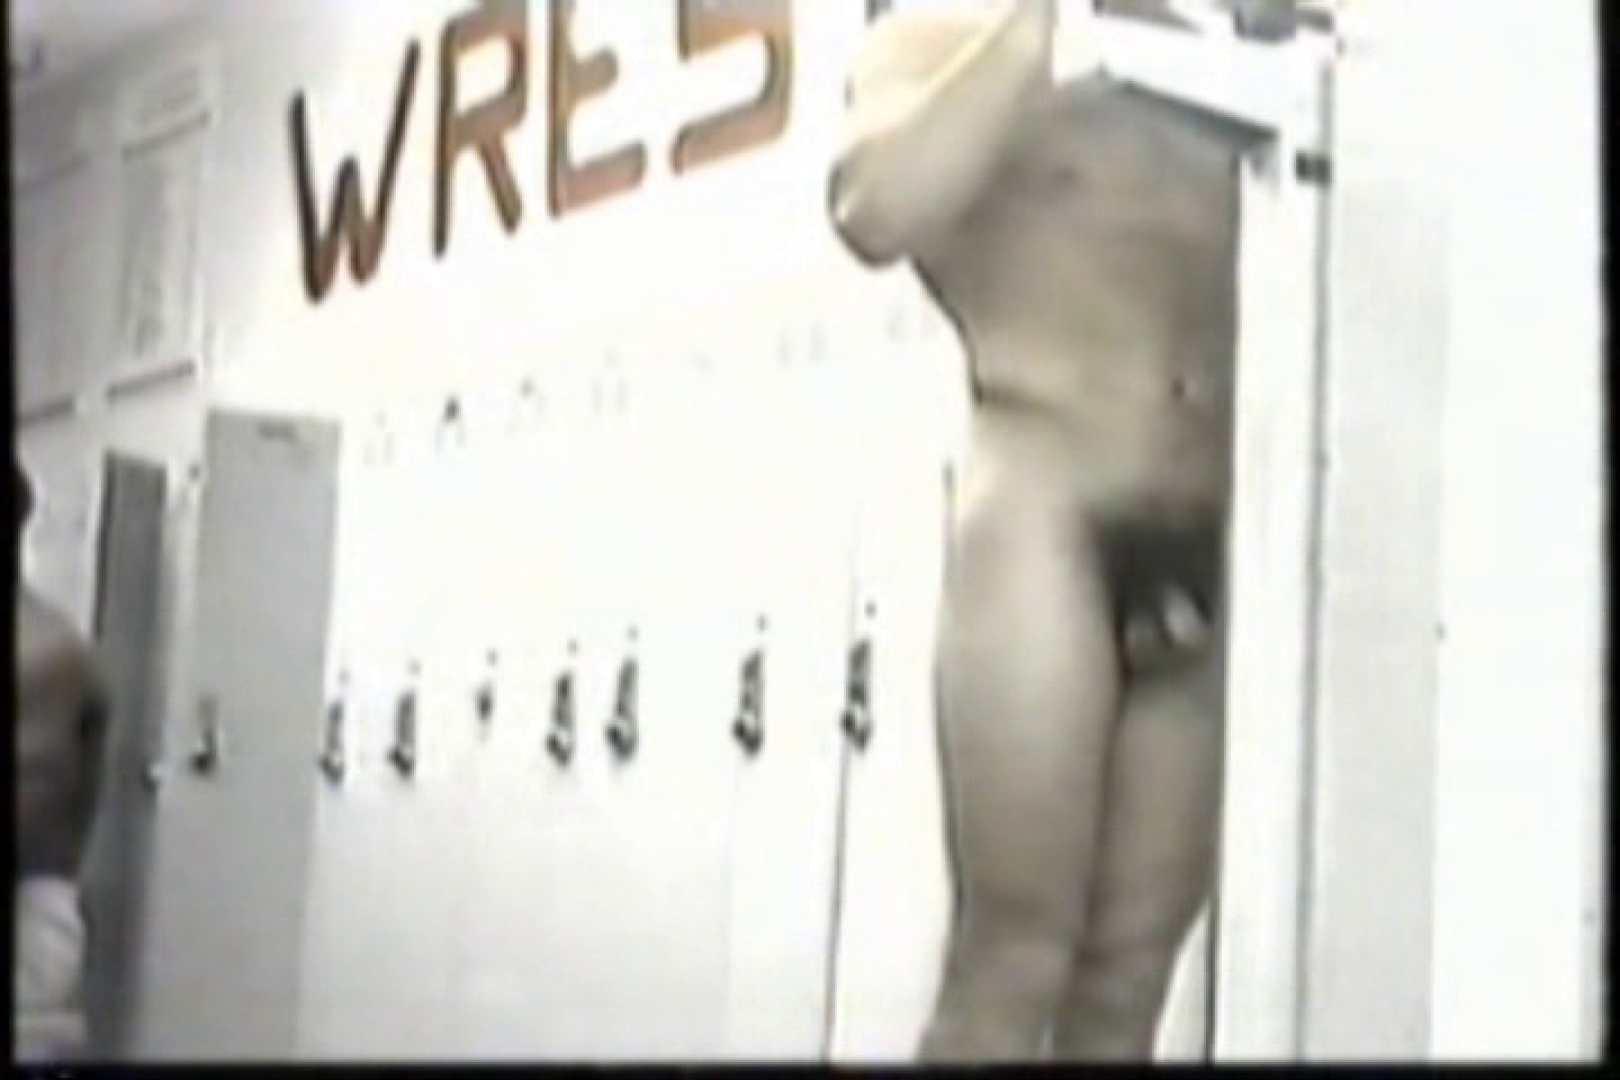 洋人さんの脱衣所を覗いてみました。VOL.7 完全無修正でお届け | ガチムチマッチョ系  95pic 64